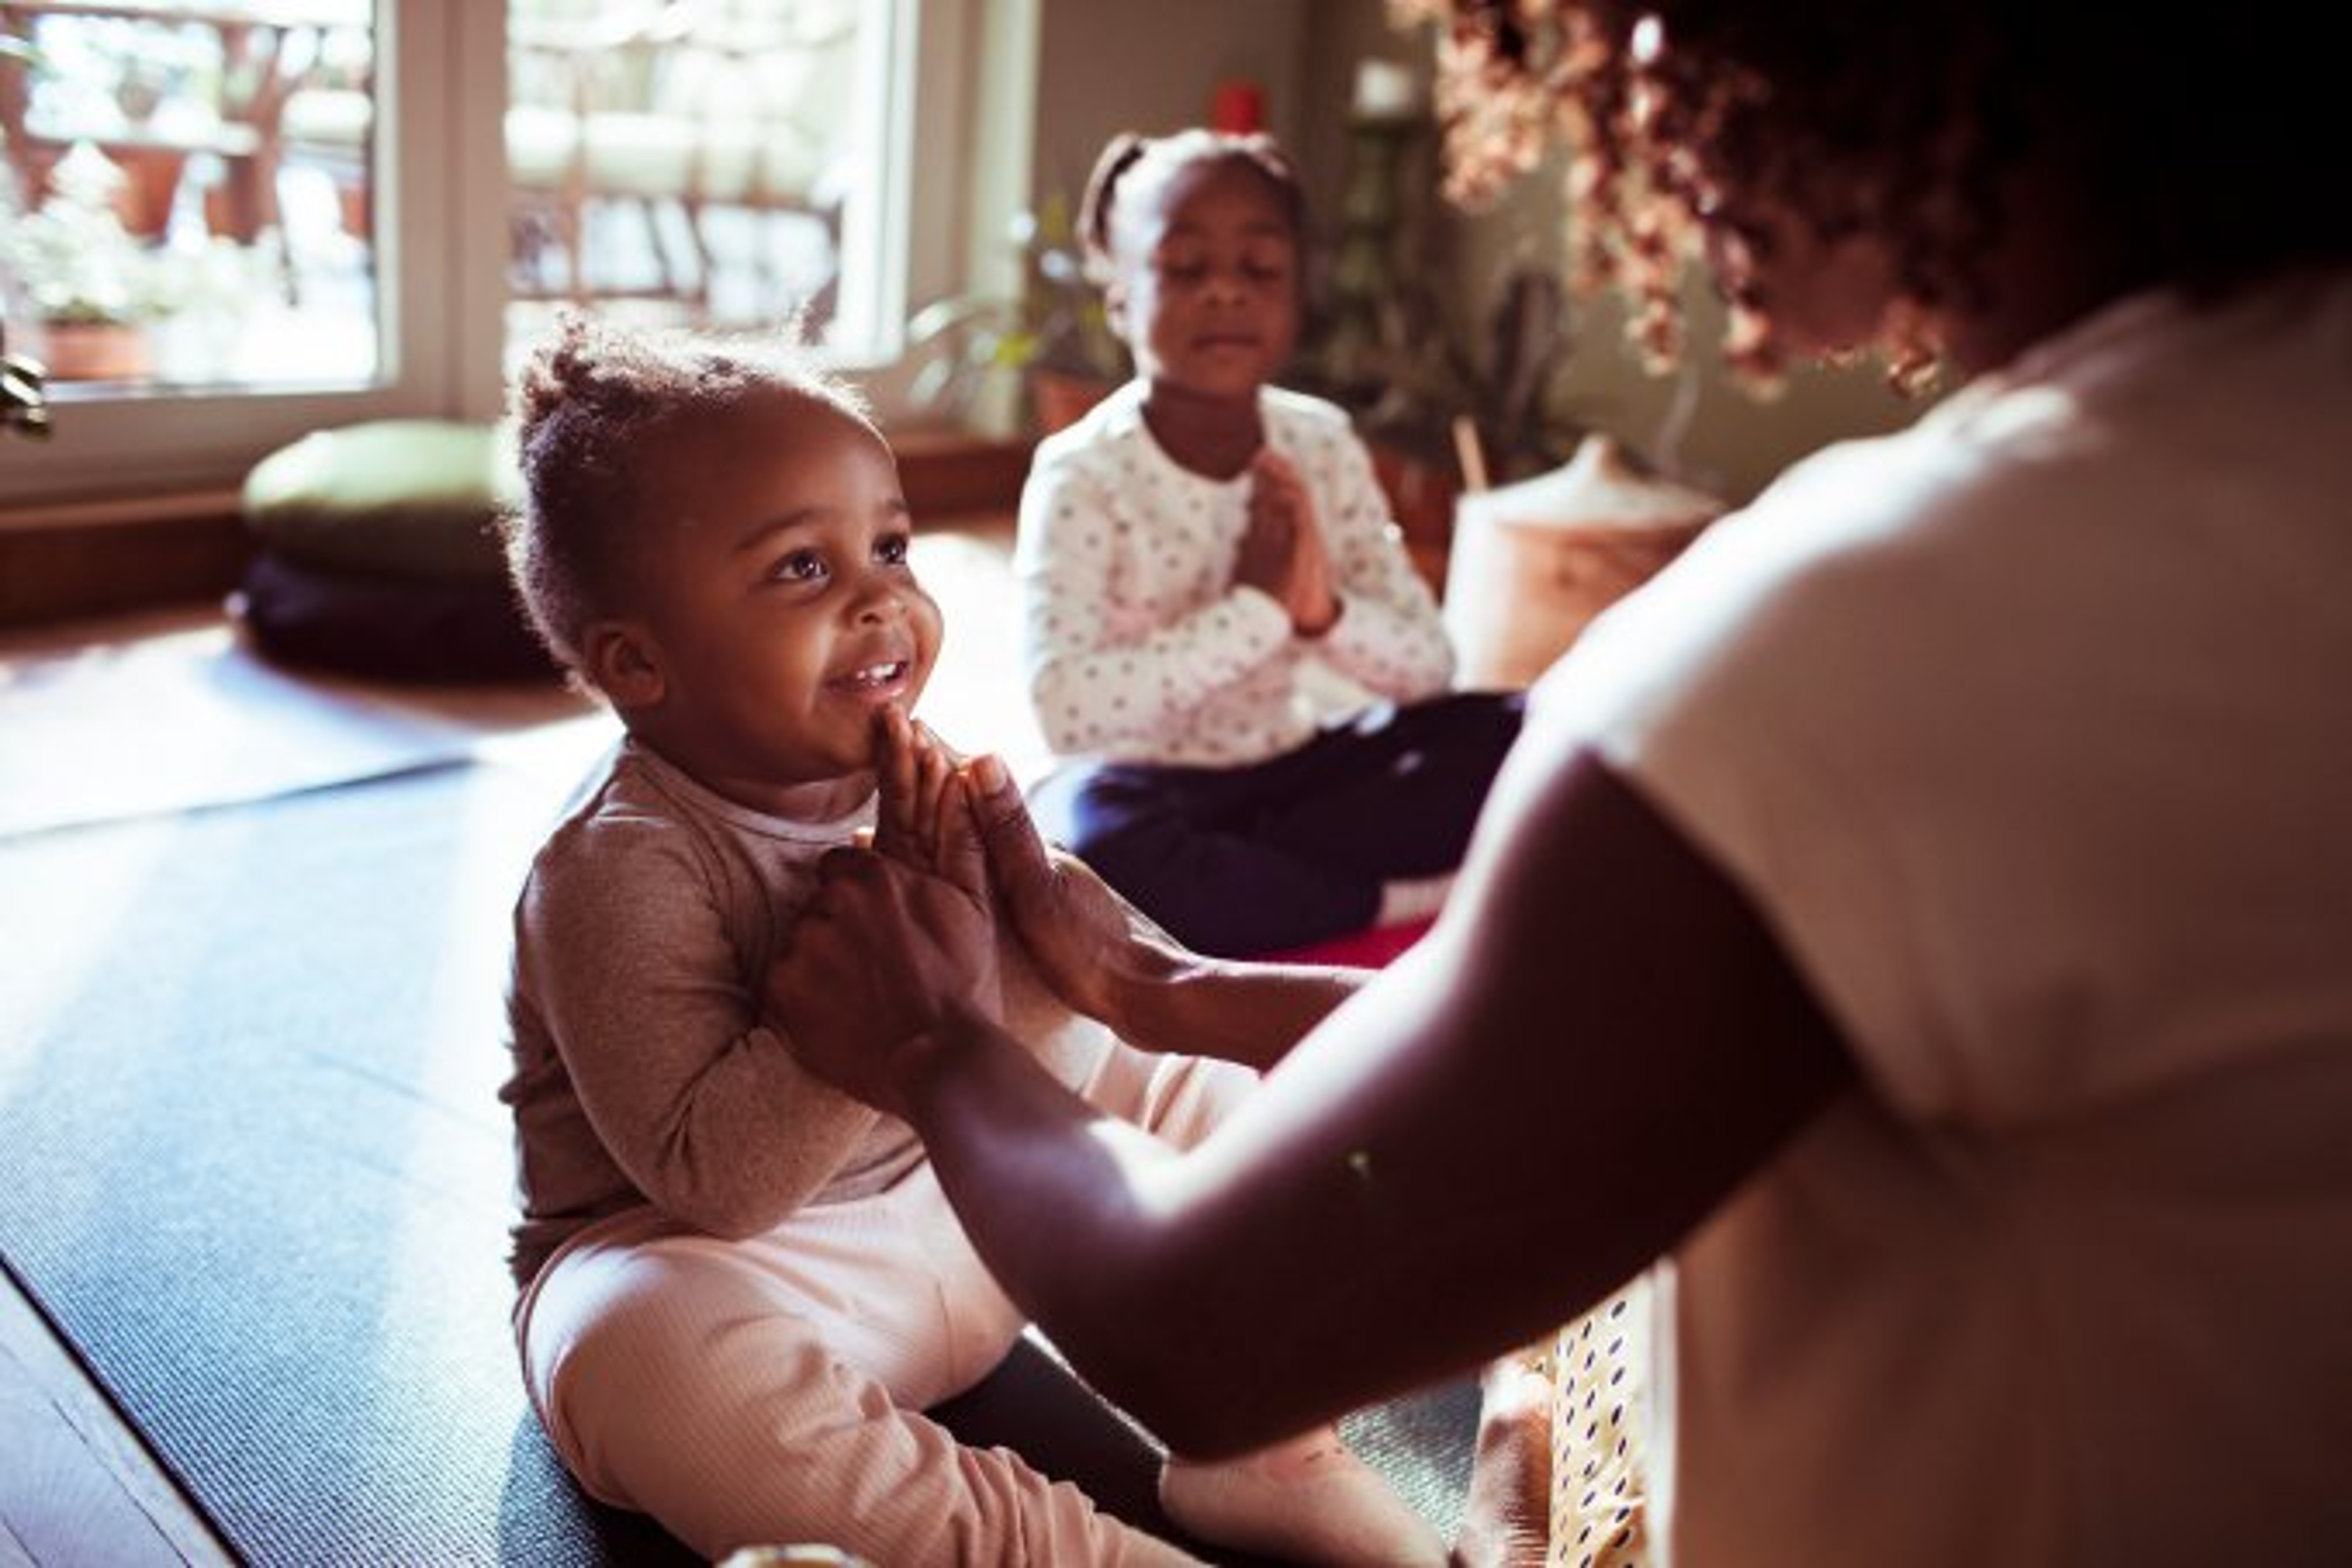 Mãe-ensinando-Ioga-para-filha